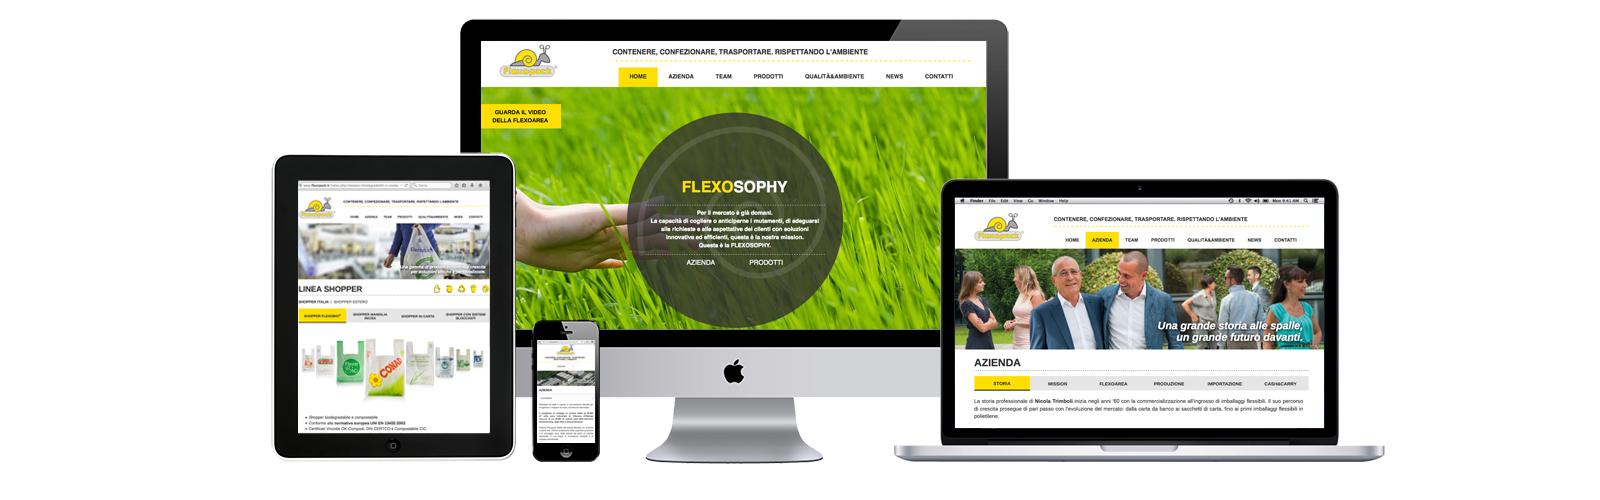 flexopack_web